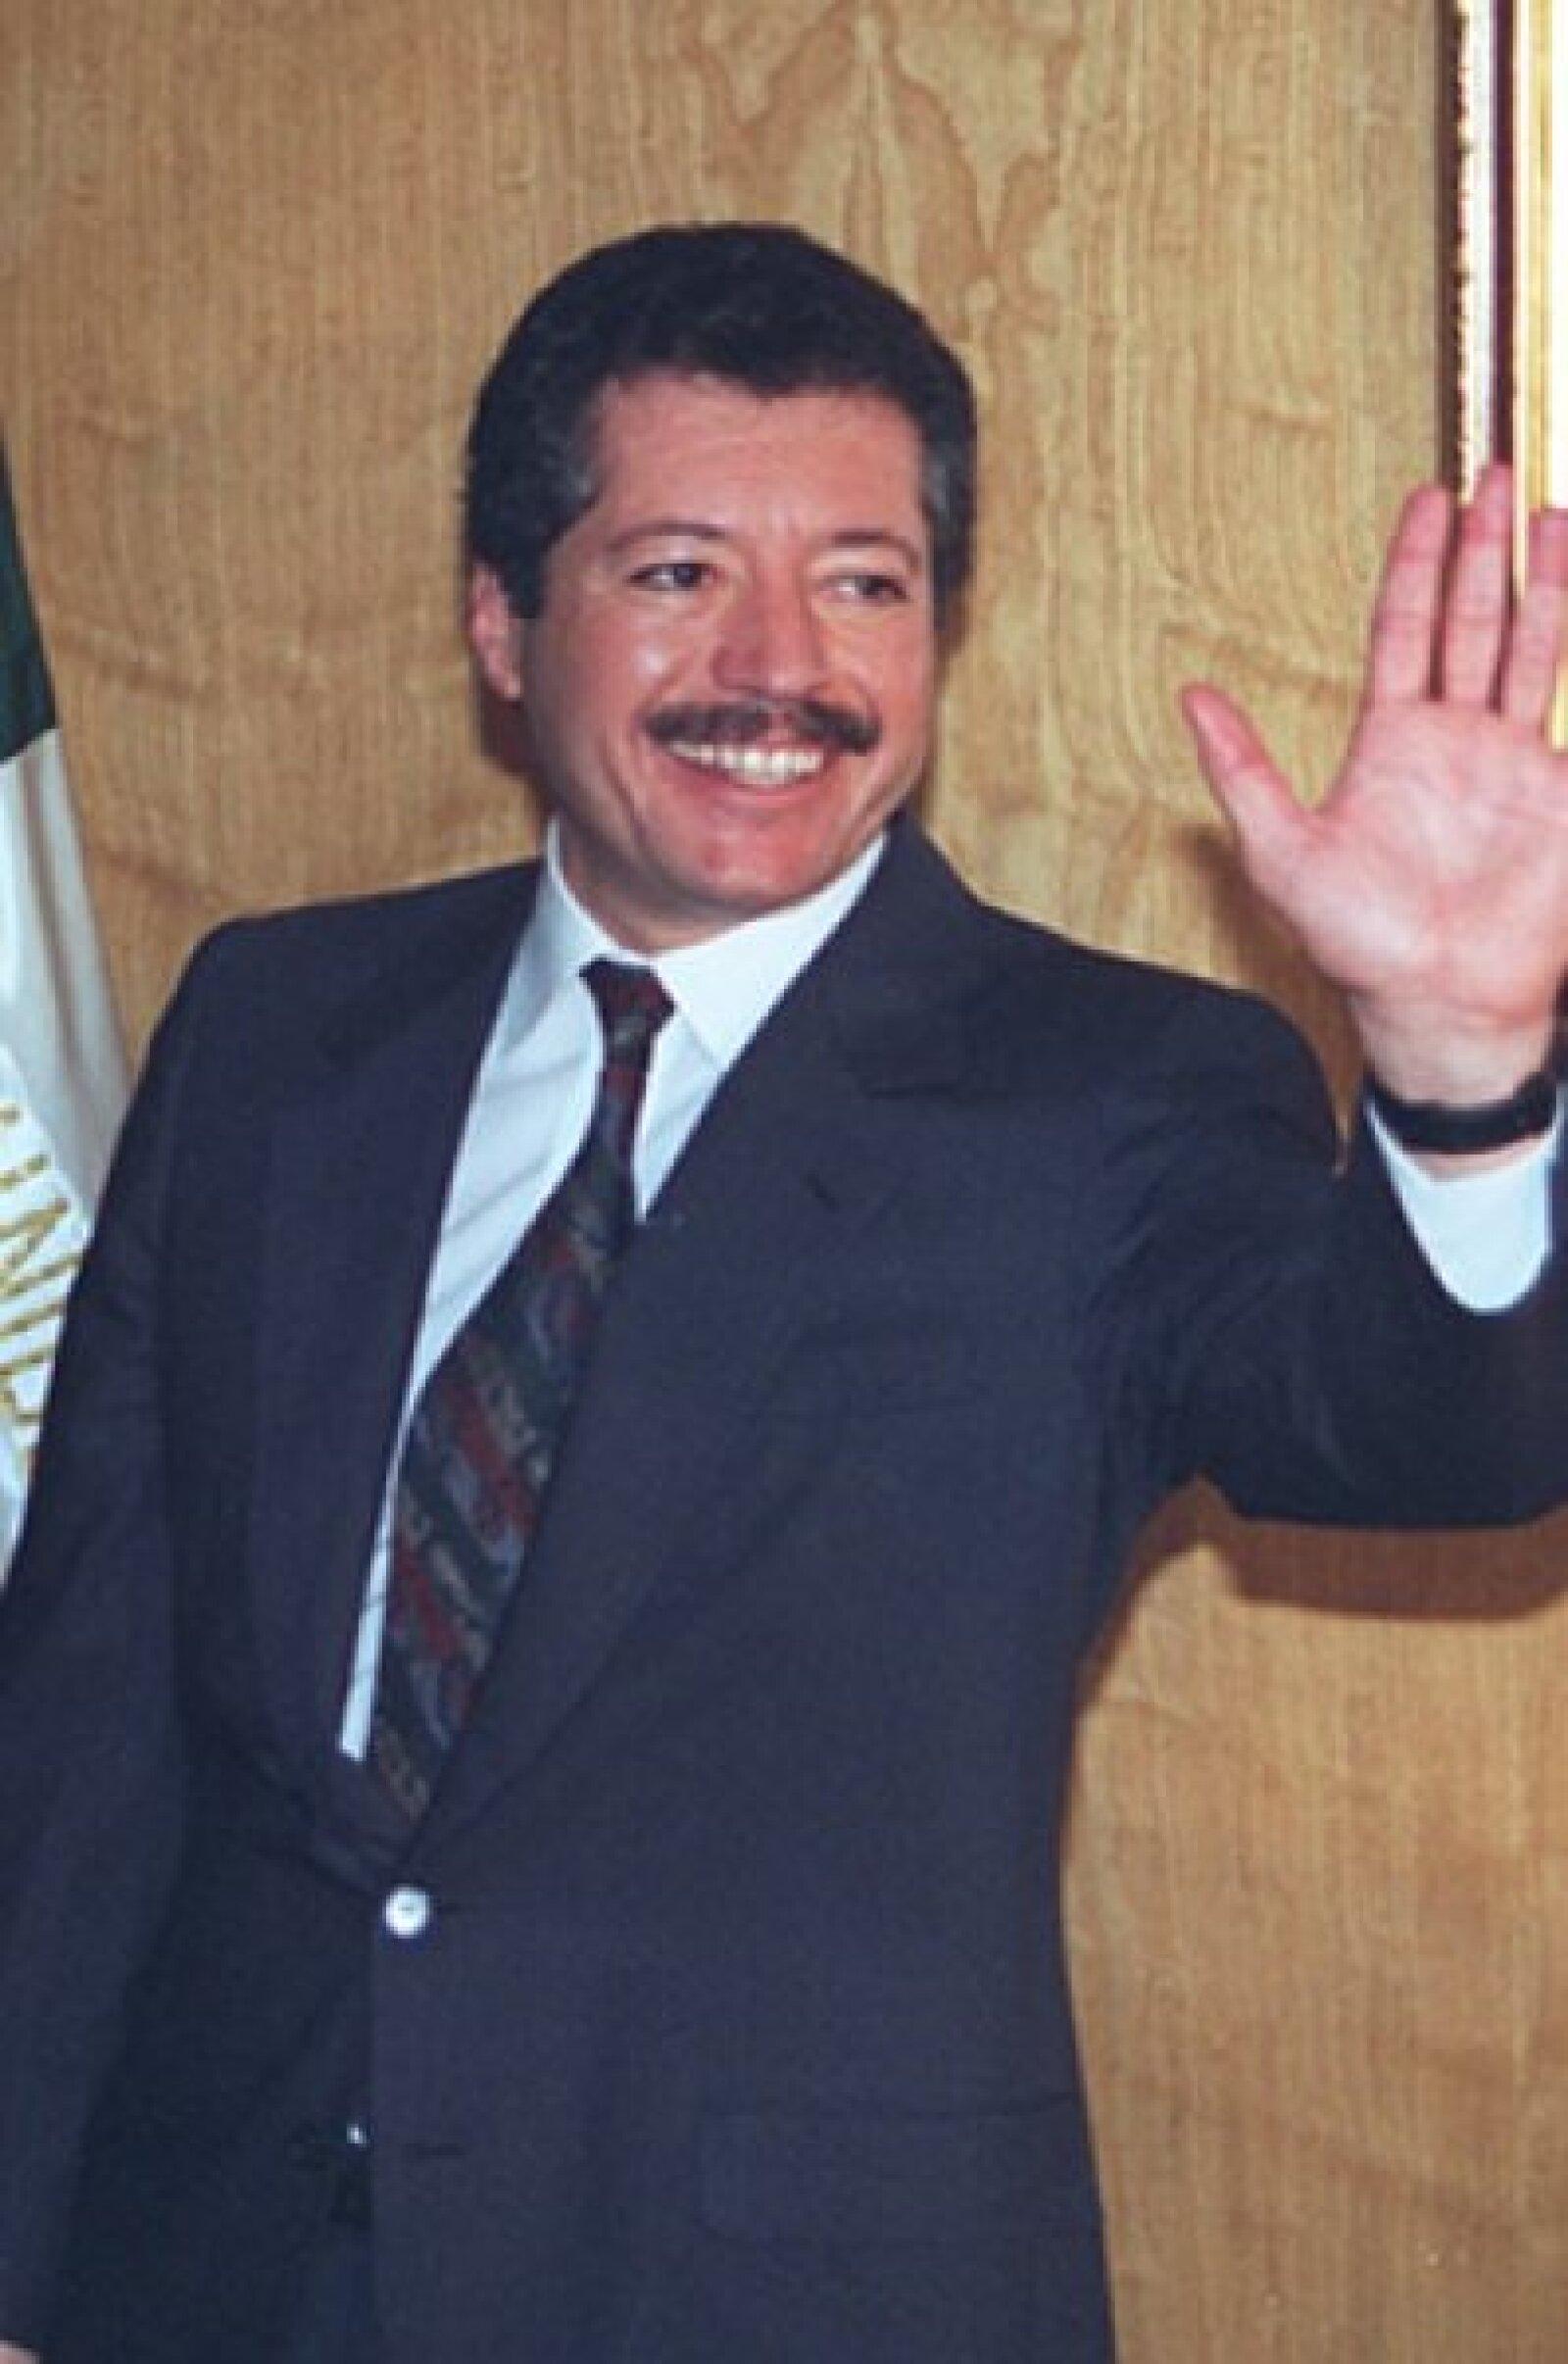 Luis Donaldo Colosio Murrieta, entonces candidato del PRI a la presidencia de la república, fue asesinado de un balazo en la cabeza mientras estaba de campaña en la ciudad de Tijuana en 1994.